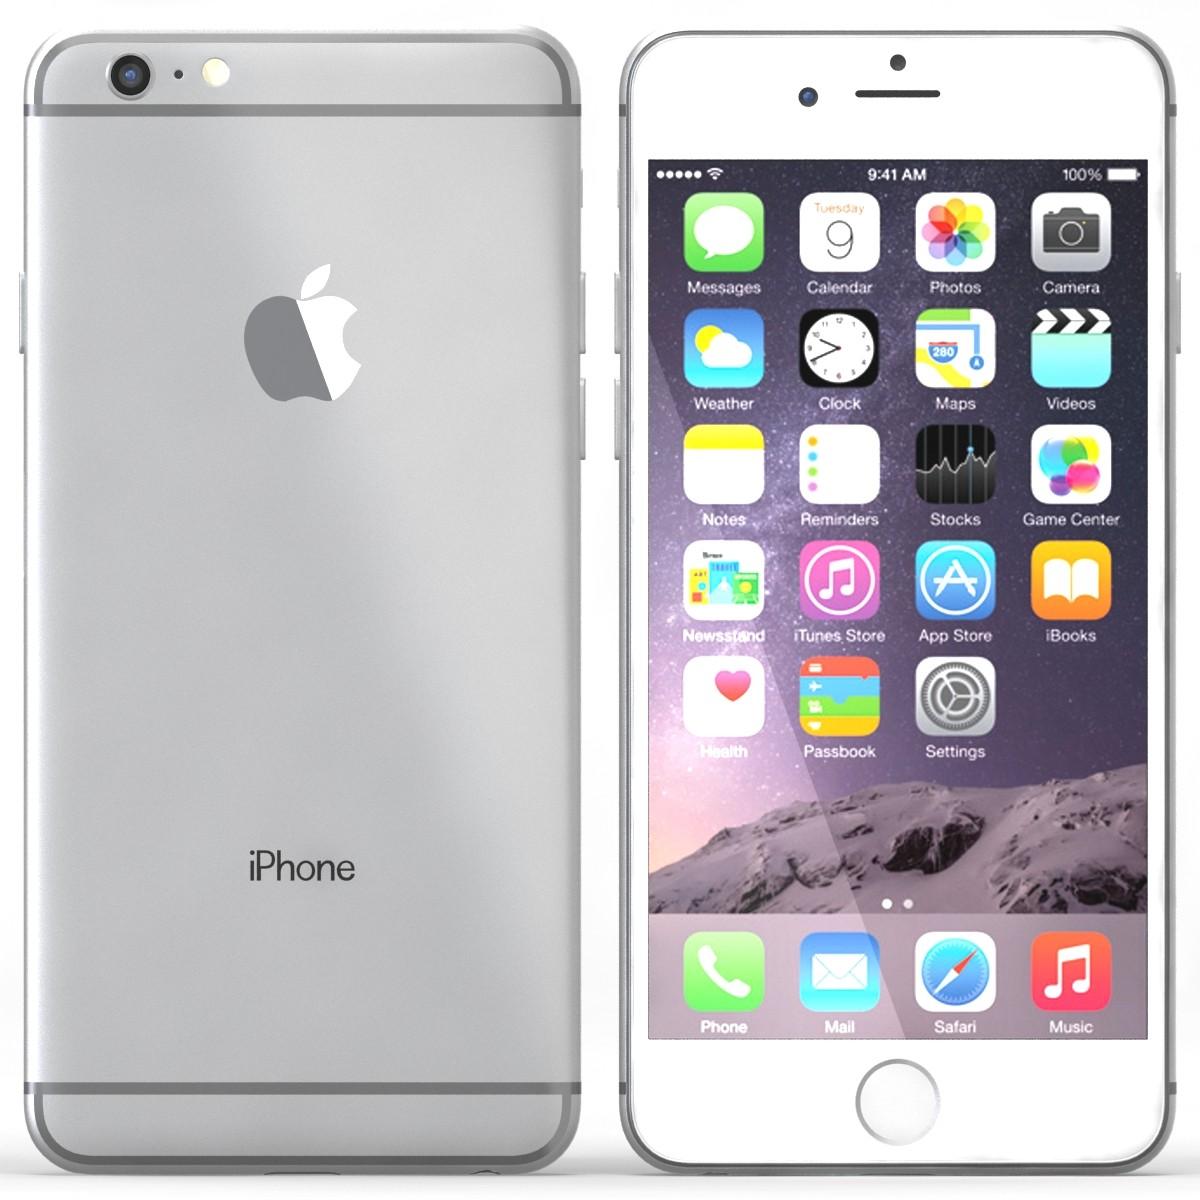 دانلود رام رسمی iPhone 6 Plus 9.2 IOS